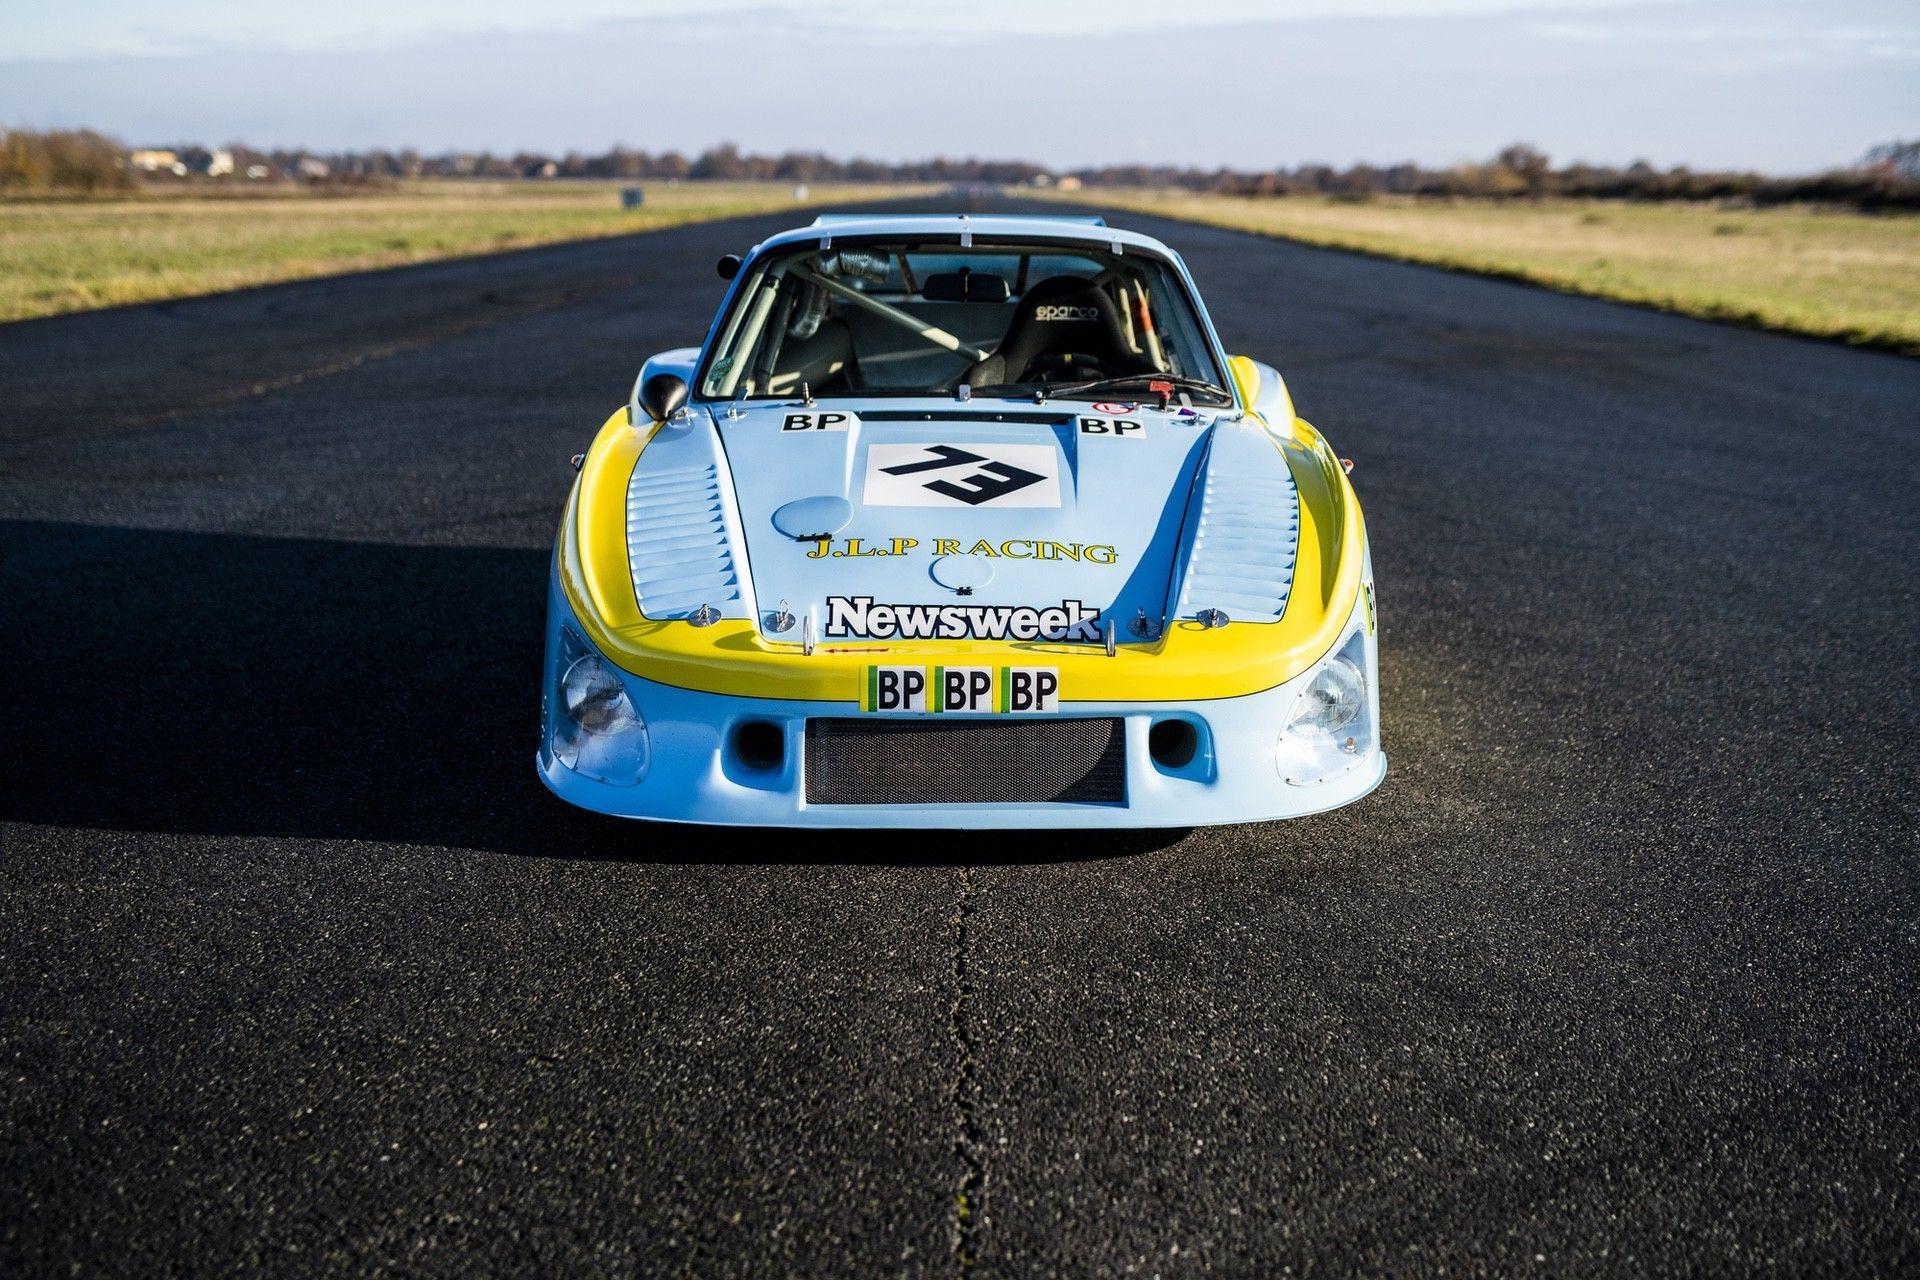 1980-Porsche-935-JLP-2-_59